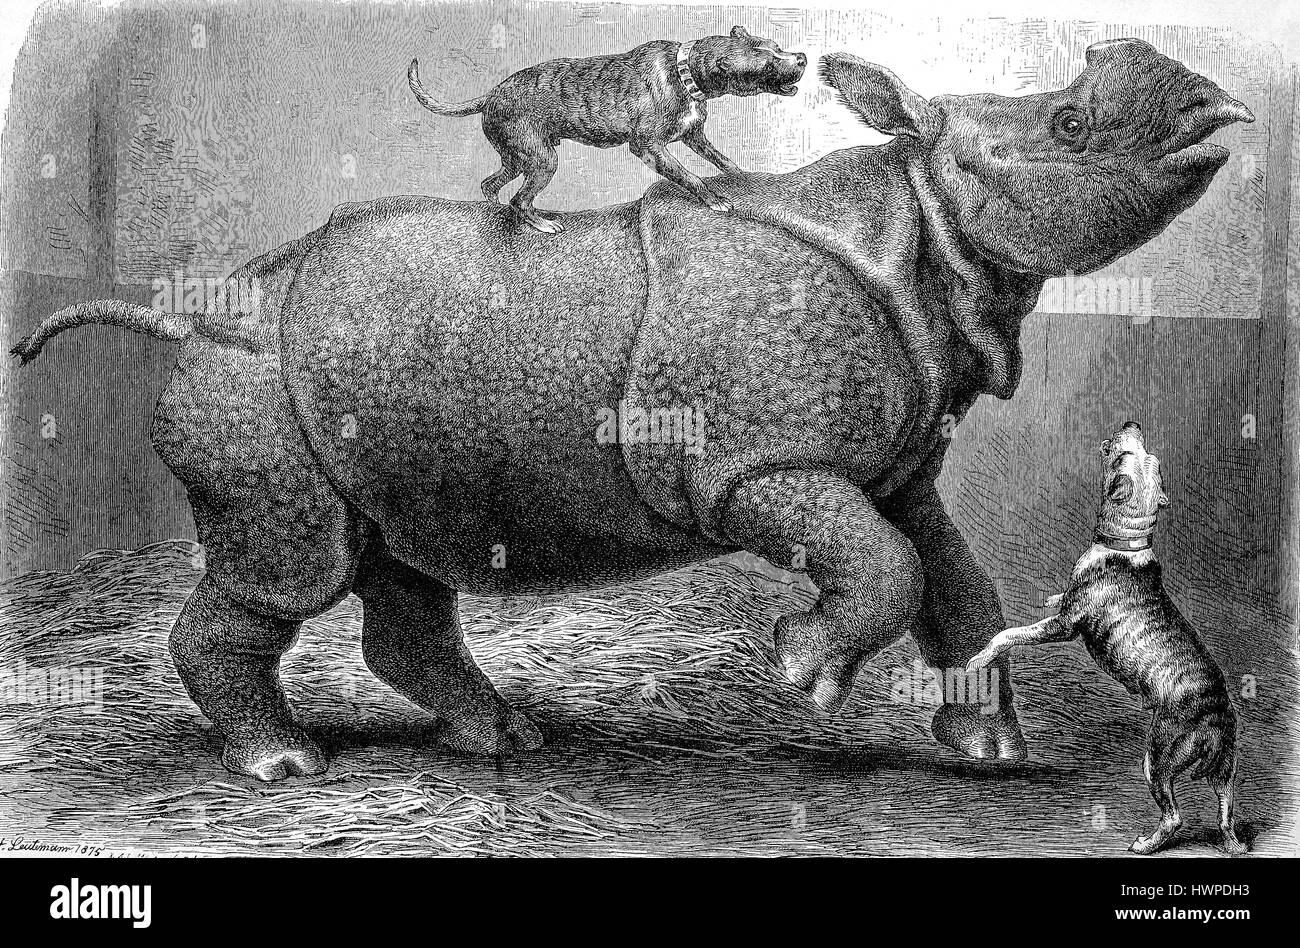 Nashorn im Zoo ist belagert von Glücksspiel Hunde, Reproduktion einer original Holzschnitt aus dem Jahr 1882, Stockbild